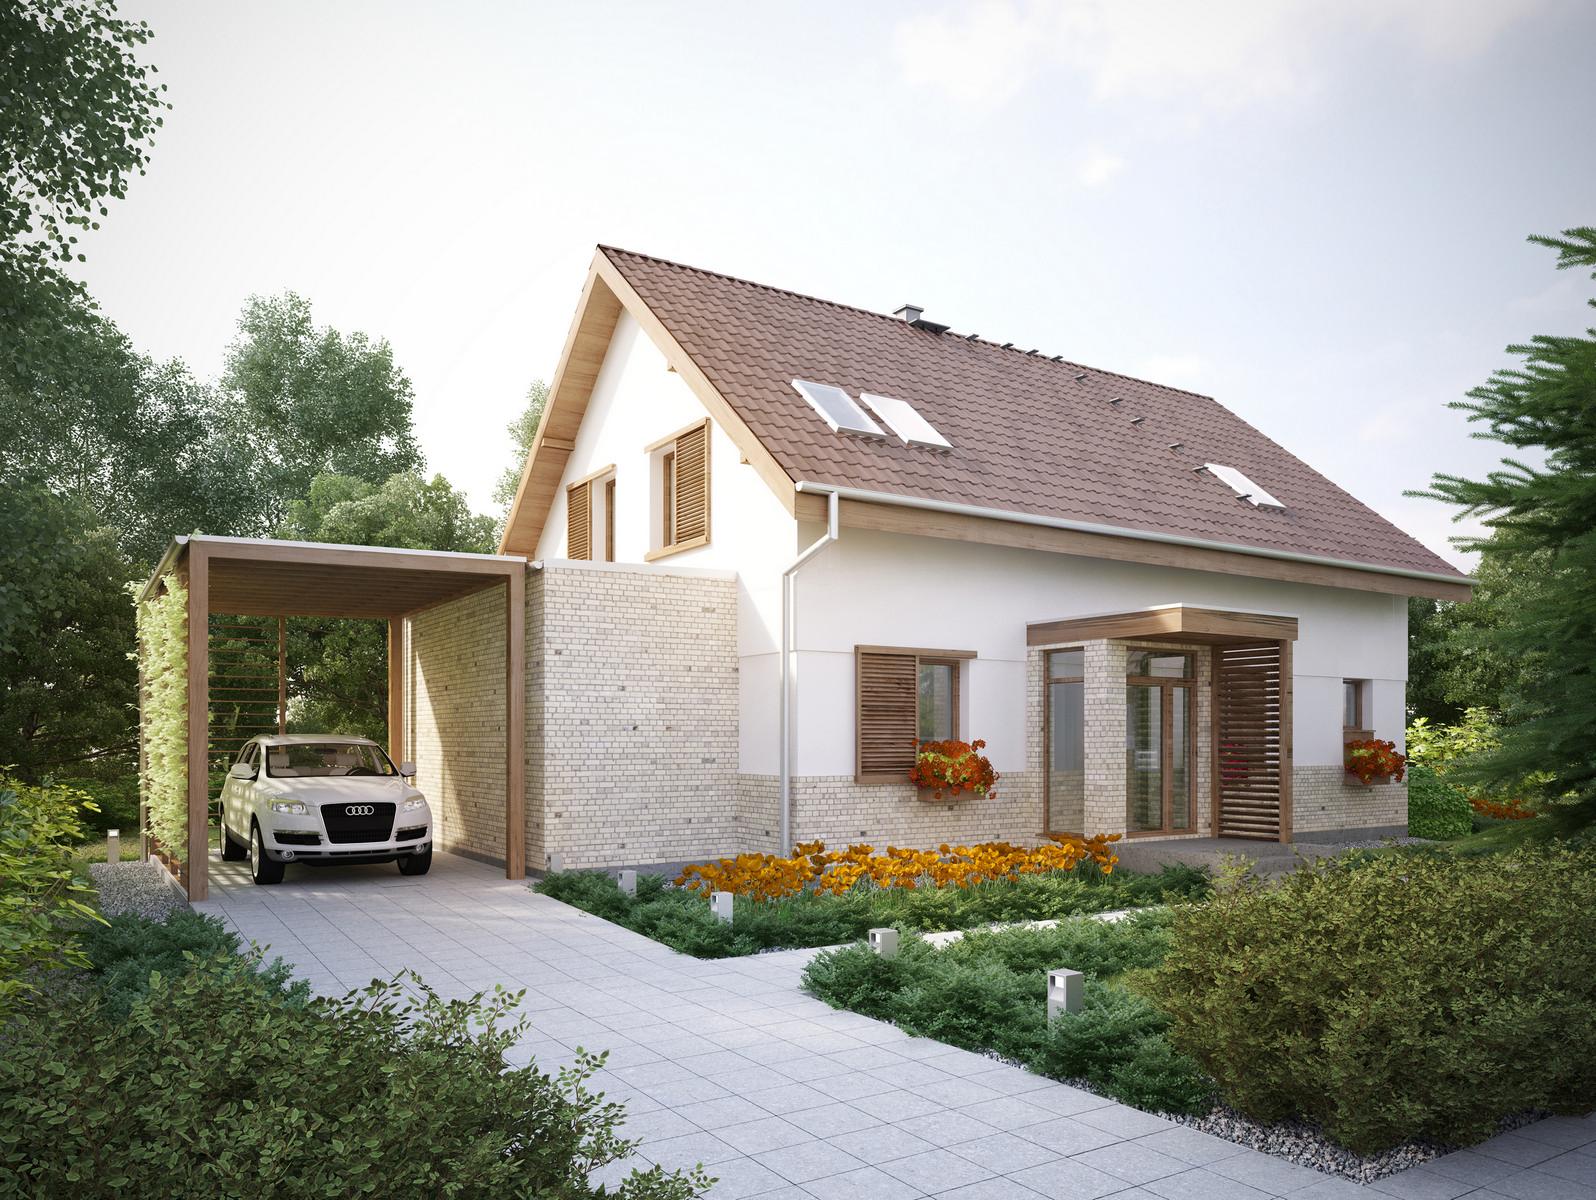 Projekt domu PRZESTRONNY Domy Czystej Energii widok od frontu